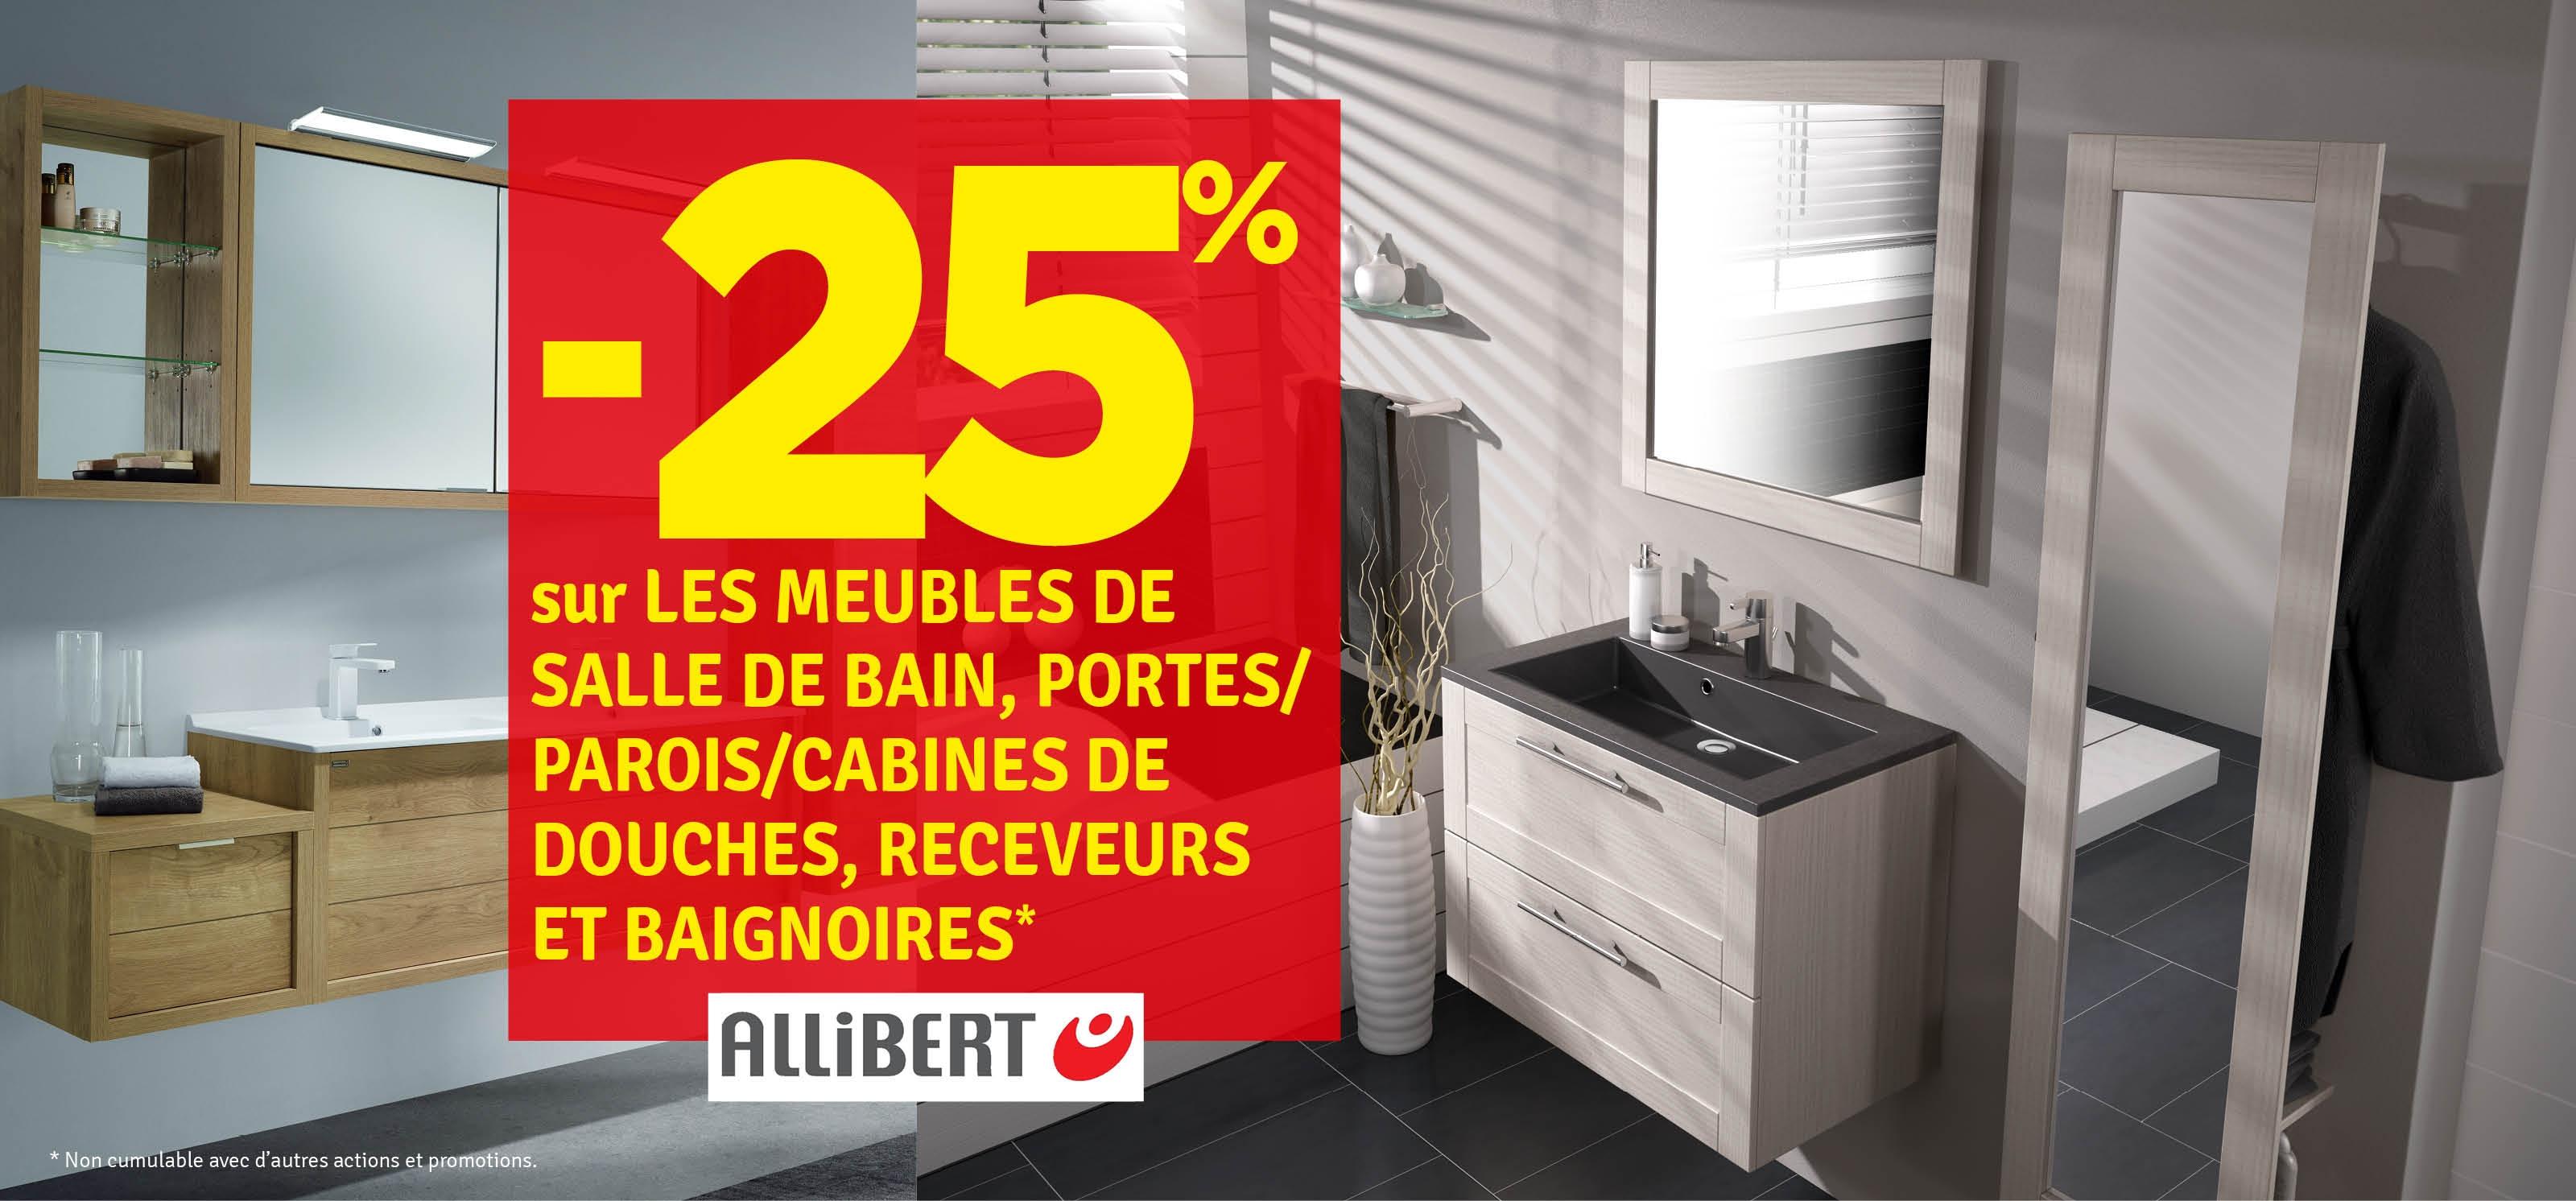 Promo - -25% sur les meubles de salle de bain Allibert